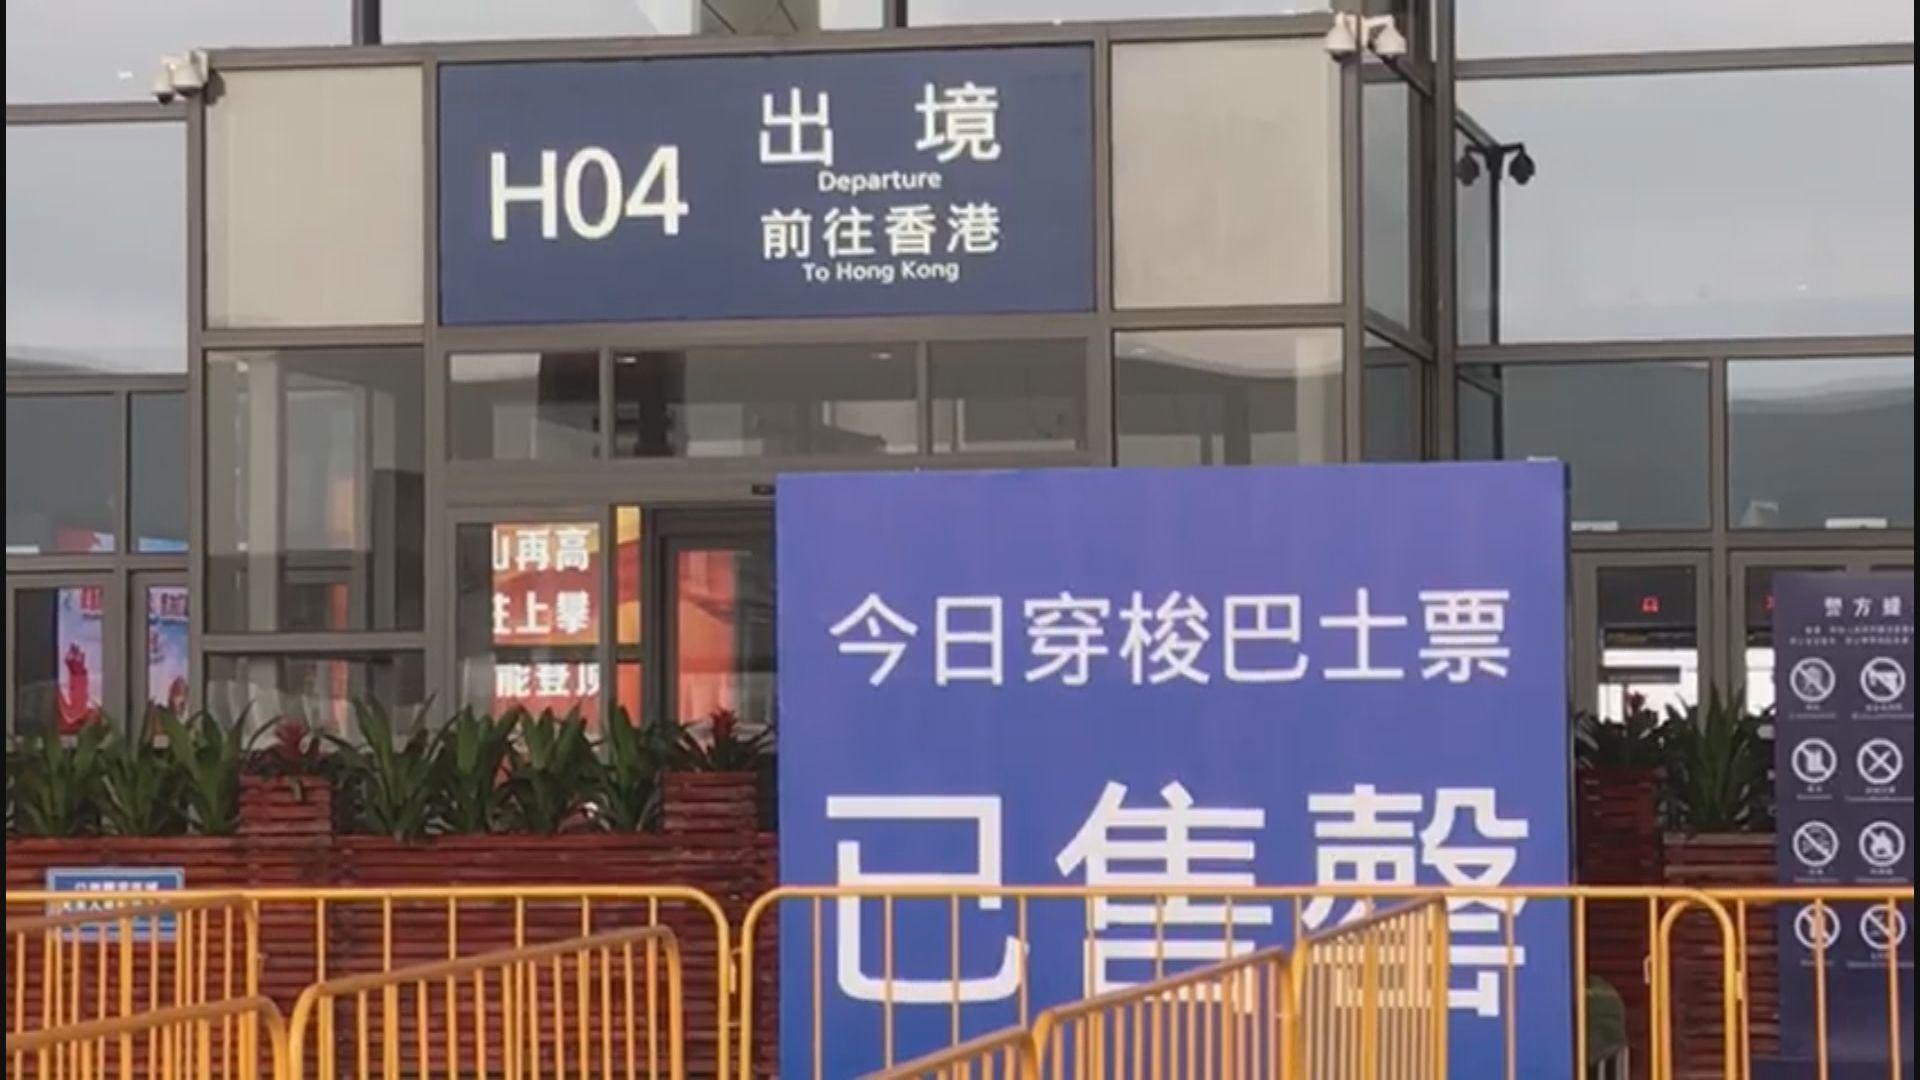 珠海口岸豎告示提醒旅客金巴車票預售新安排